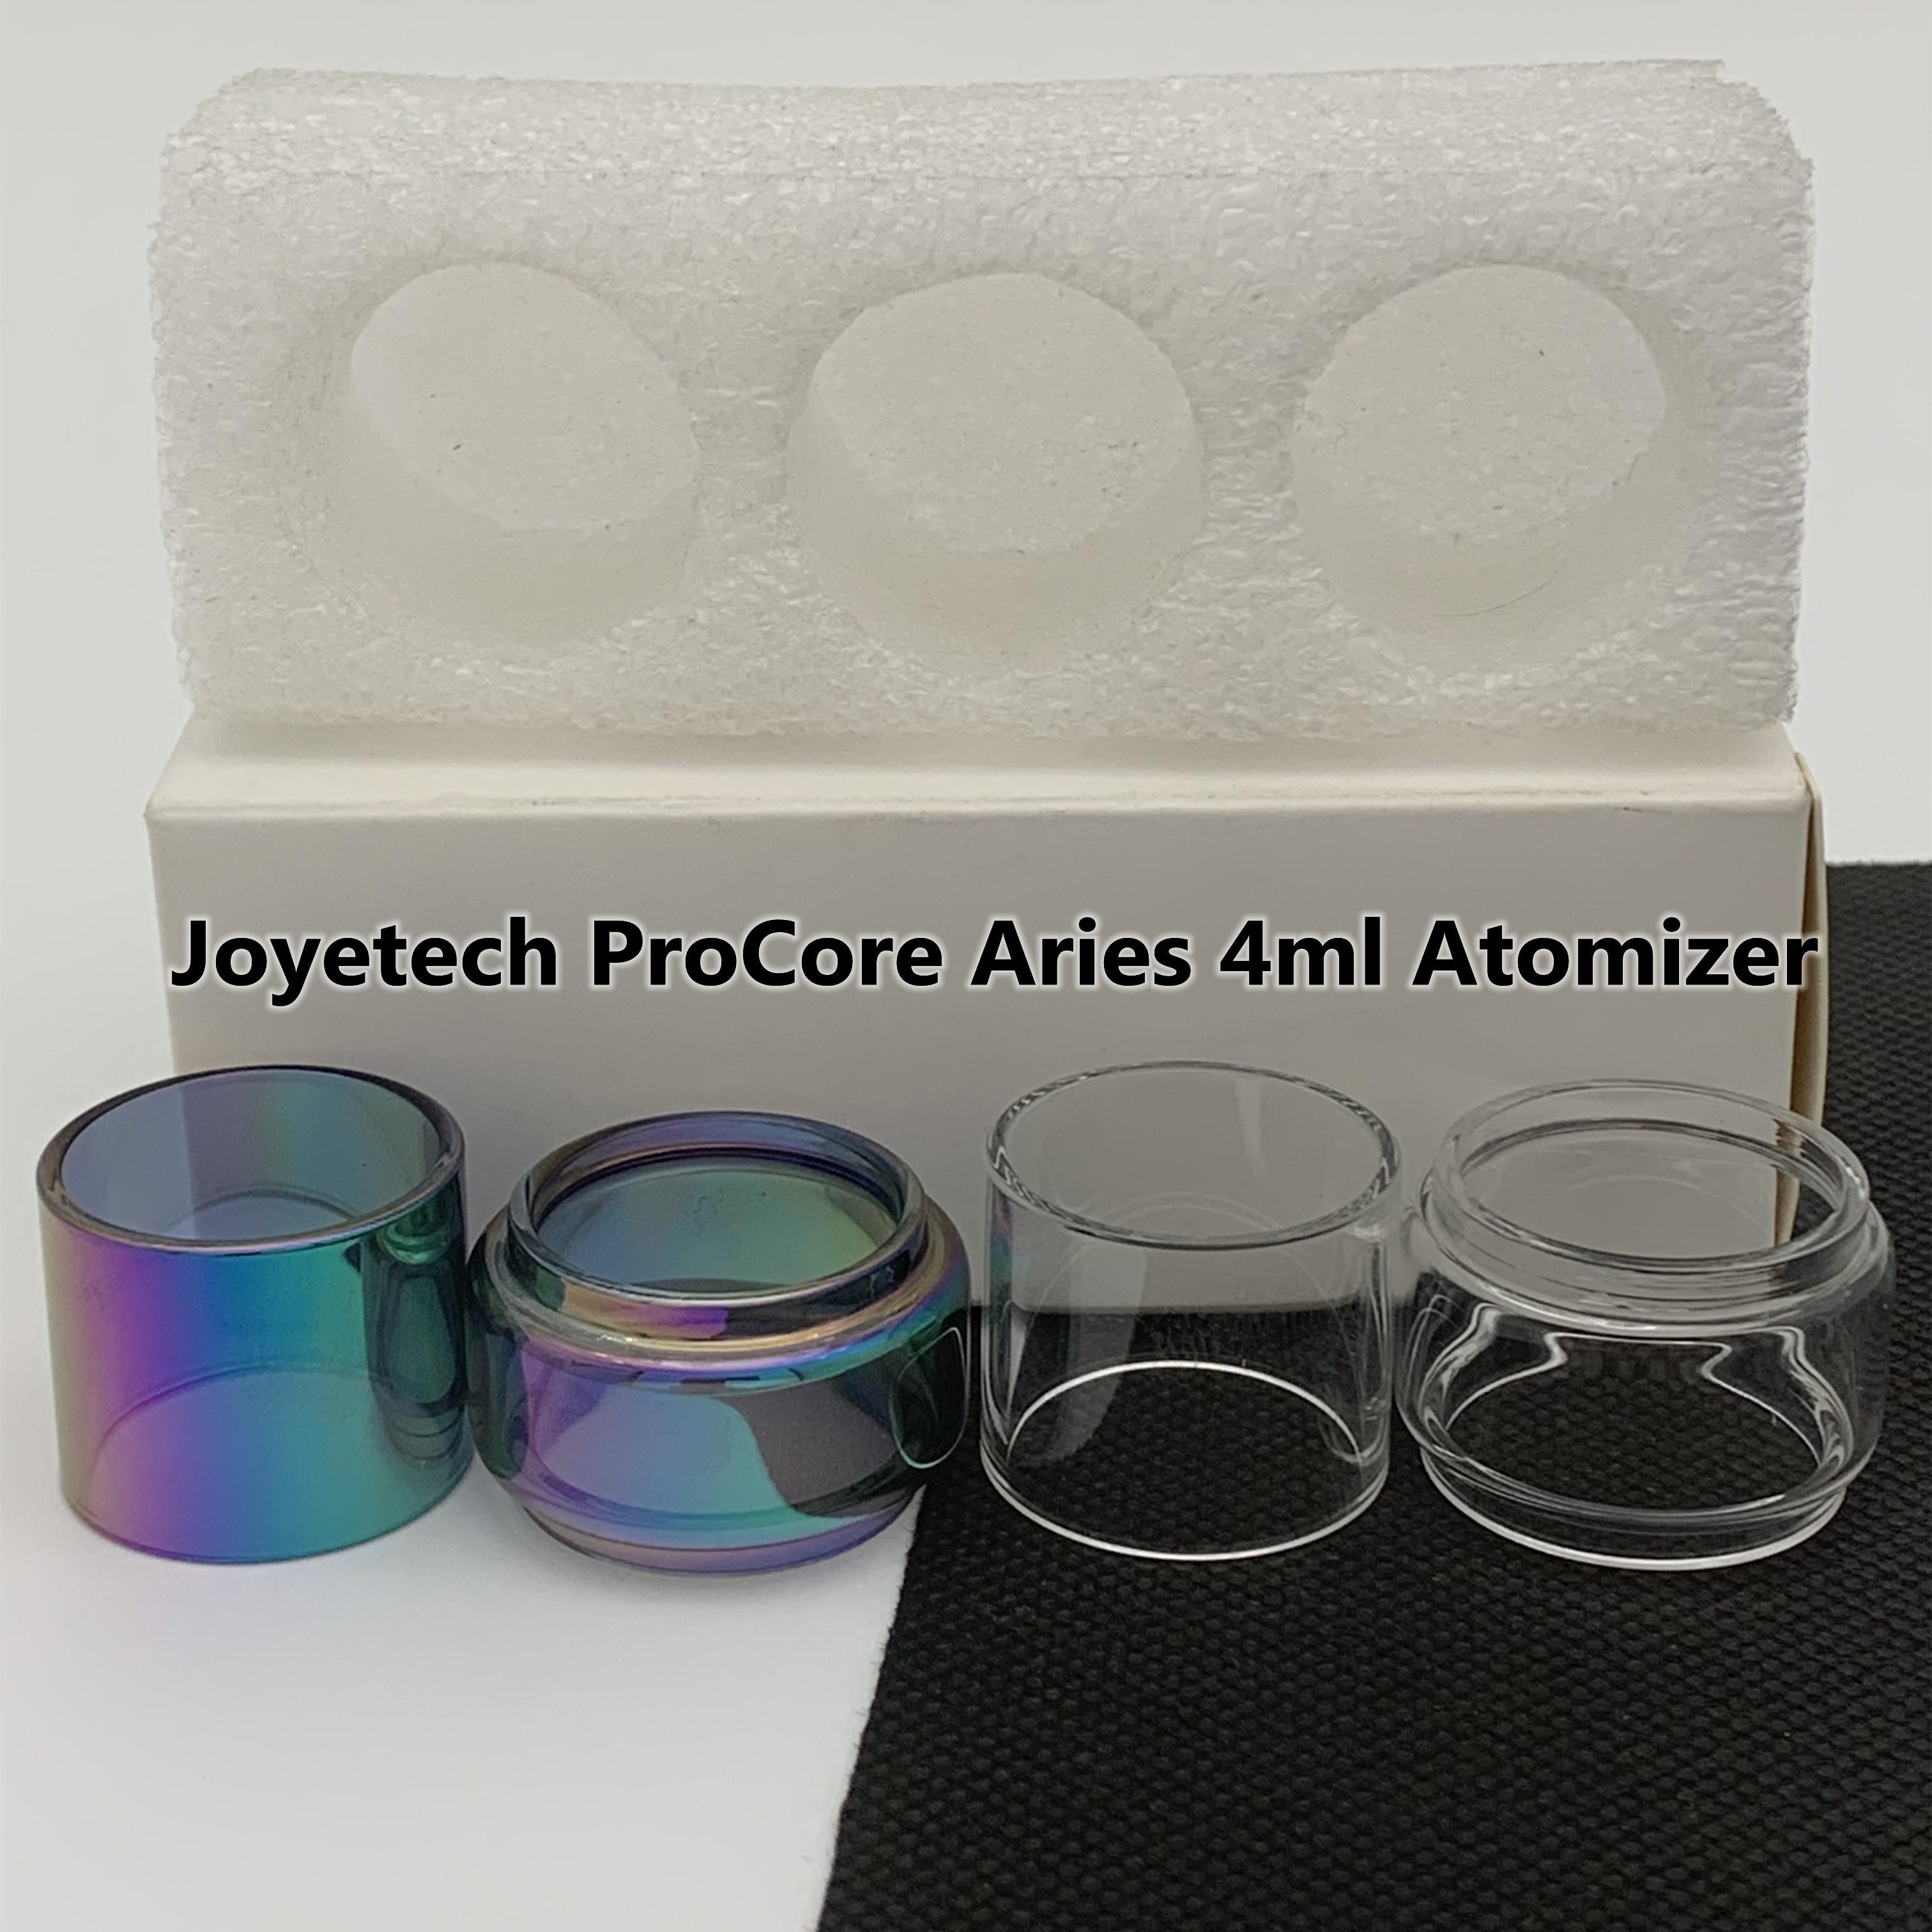 JOYETECH Procore Ories 4ML распылитель нормальная ламповая трубка 5.5 мл четкие Радуга замена стеклянной трубки пузырь Fatboy 3шт / коробка розничная упаковка